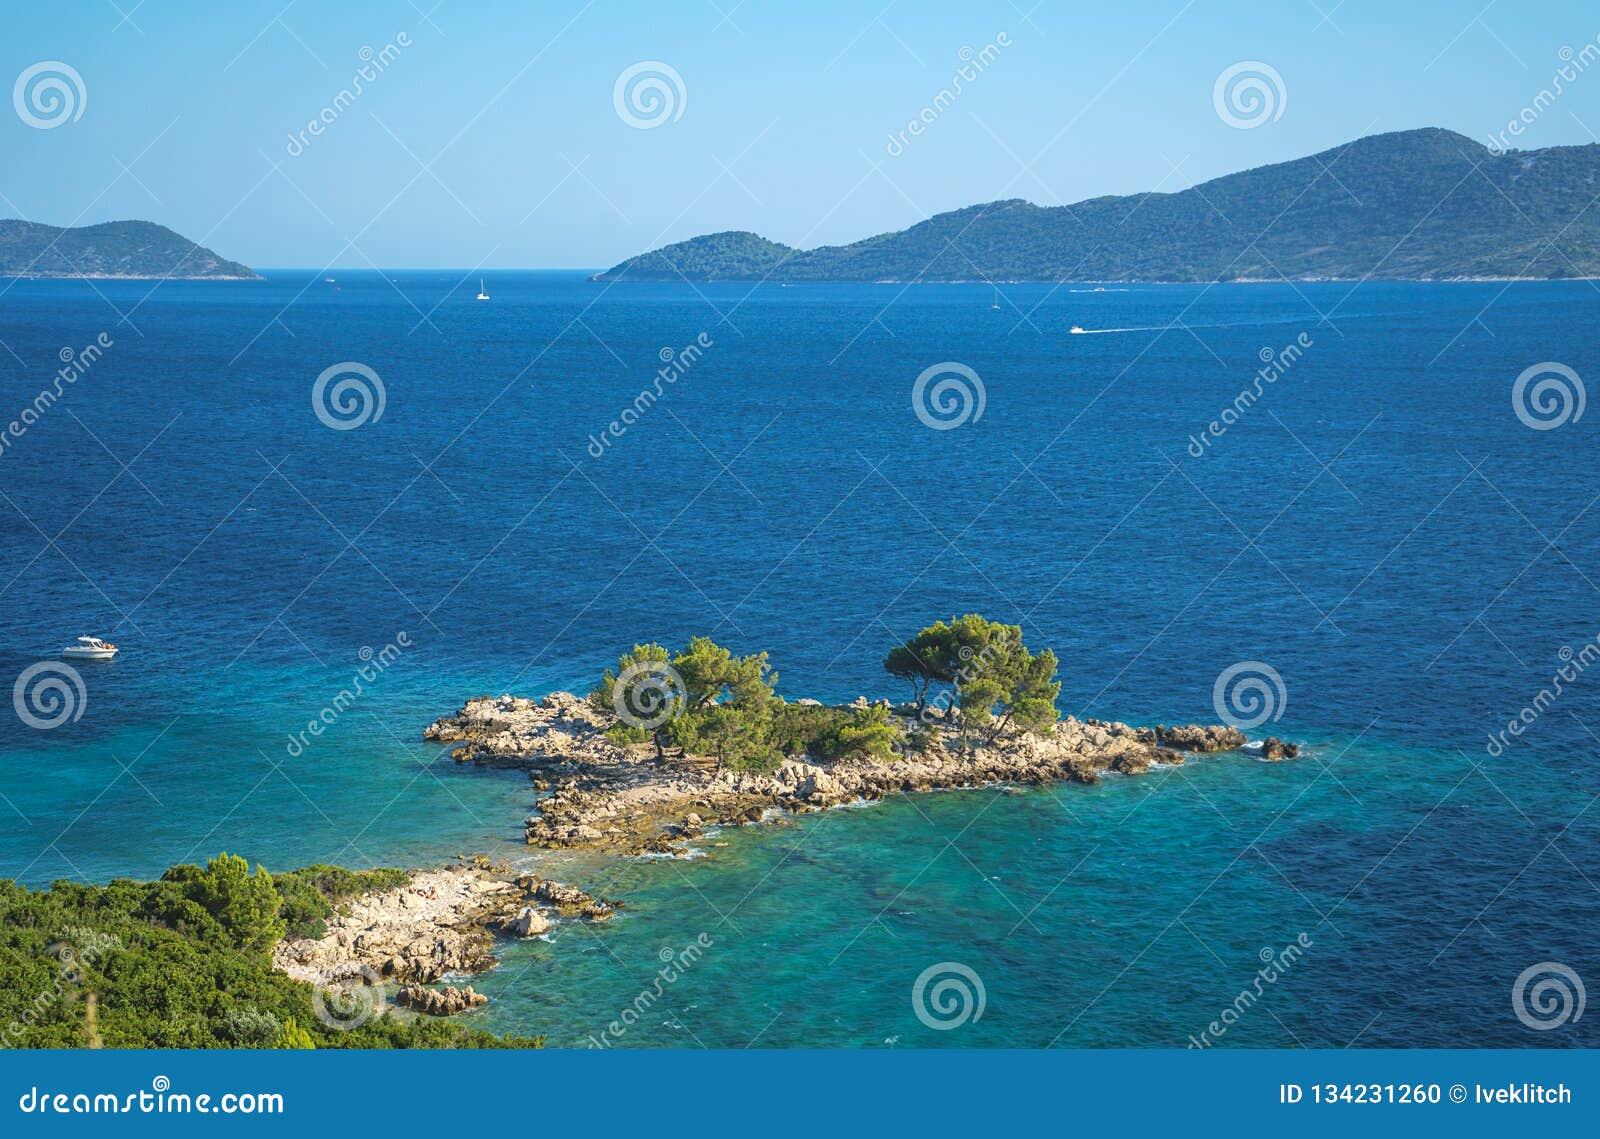 Opinião aérea do seascape às águas de turquesa do mar e das ilhas de adriático na distância, perto da cidade Dubrovnik na Croácia